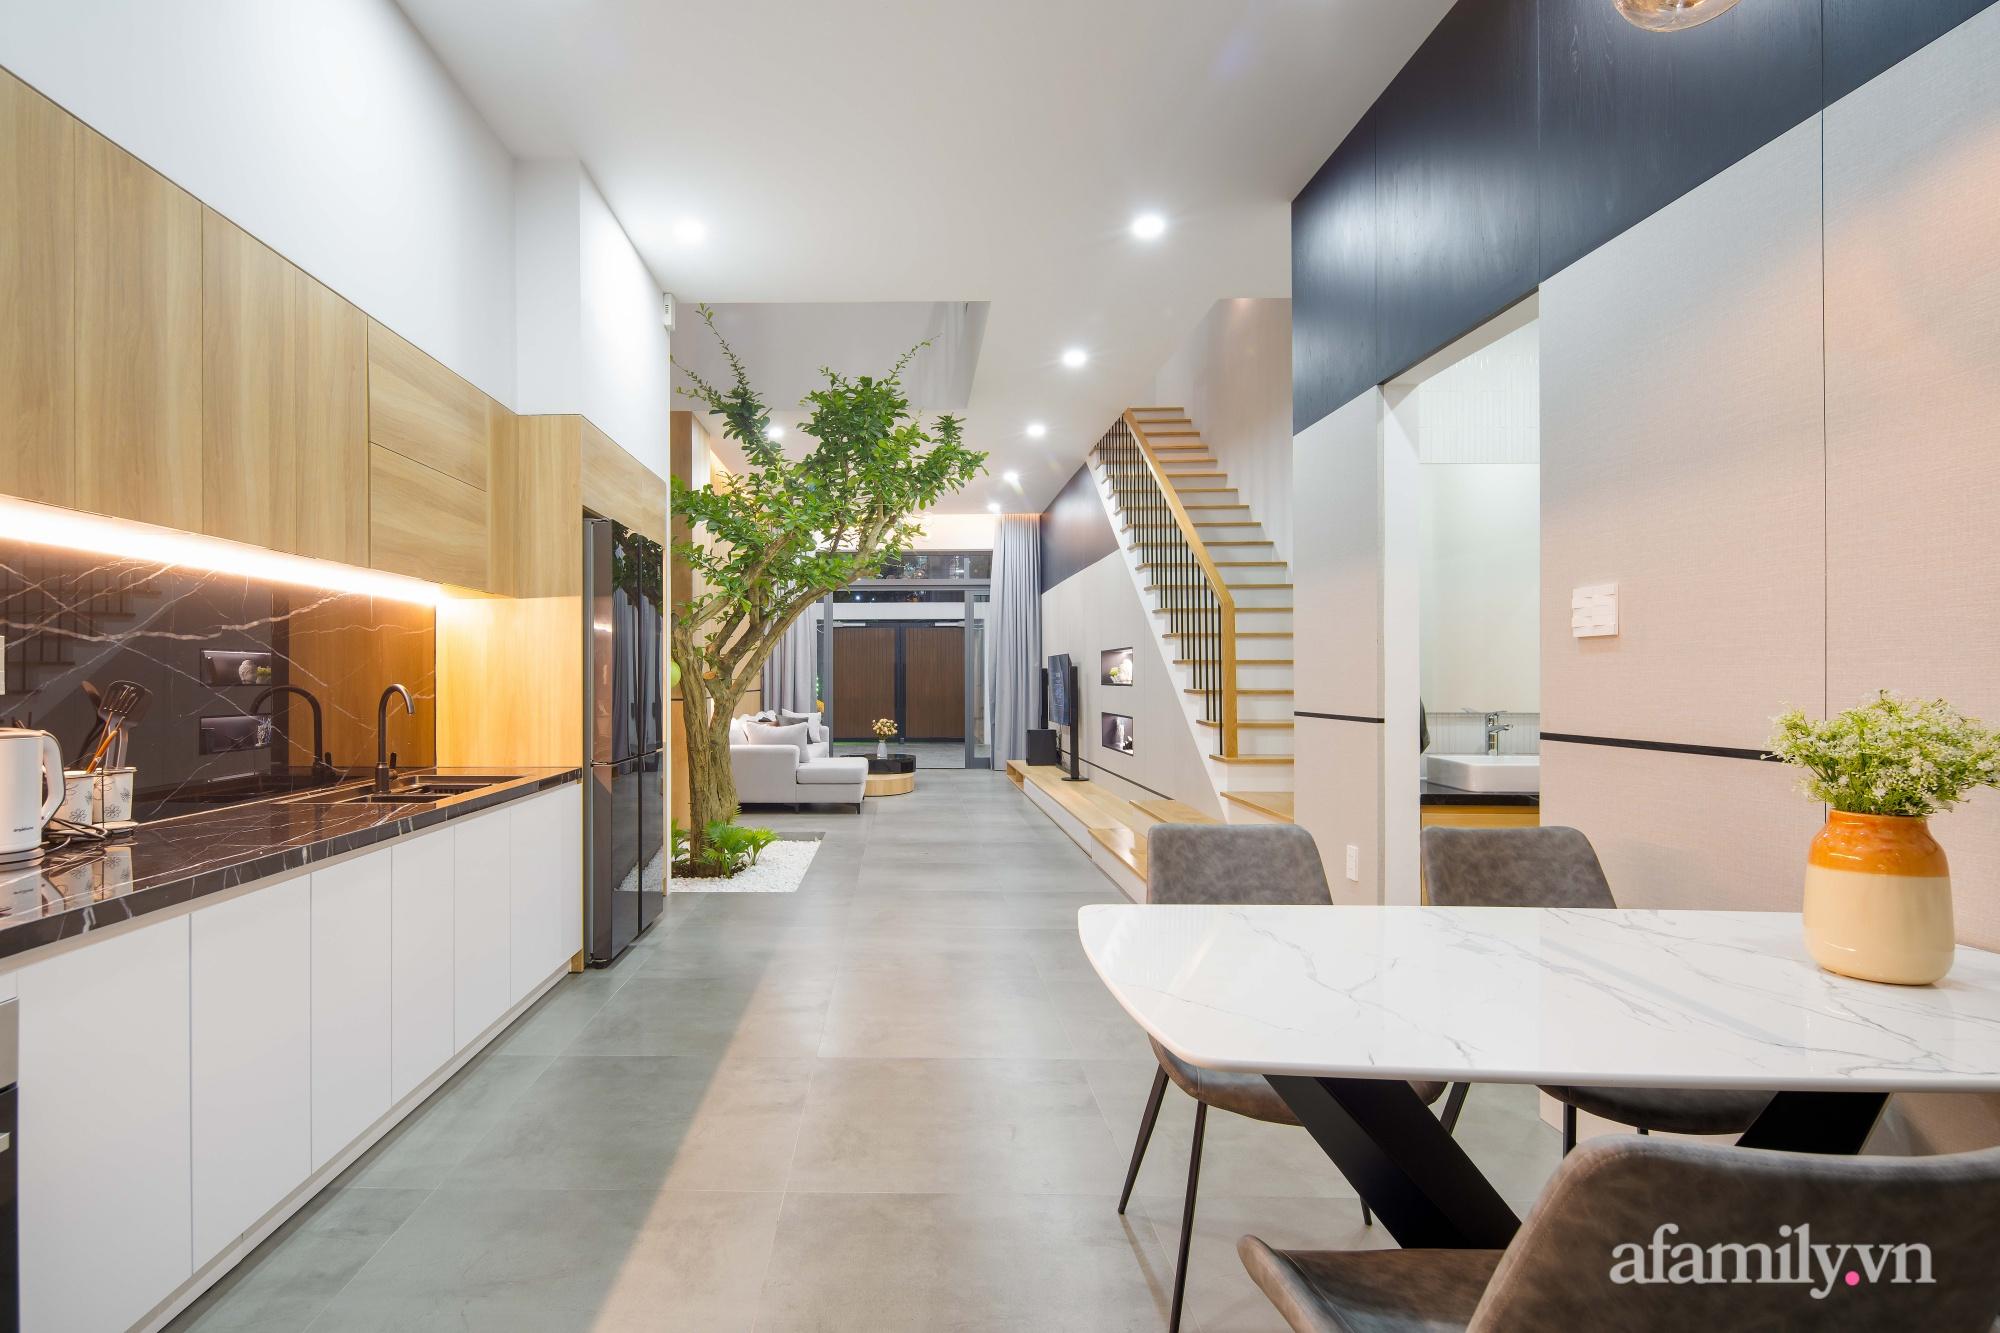 Nhà phố 3 tầng đẹp hiện đại với phong cách tối giản ngập tràn ánh sáng và cây xanh ở Đà Nẵng - Ảnh 12.